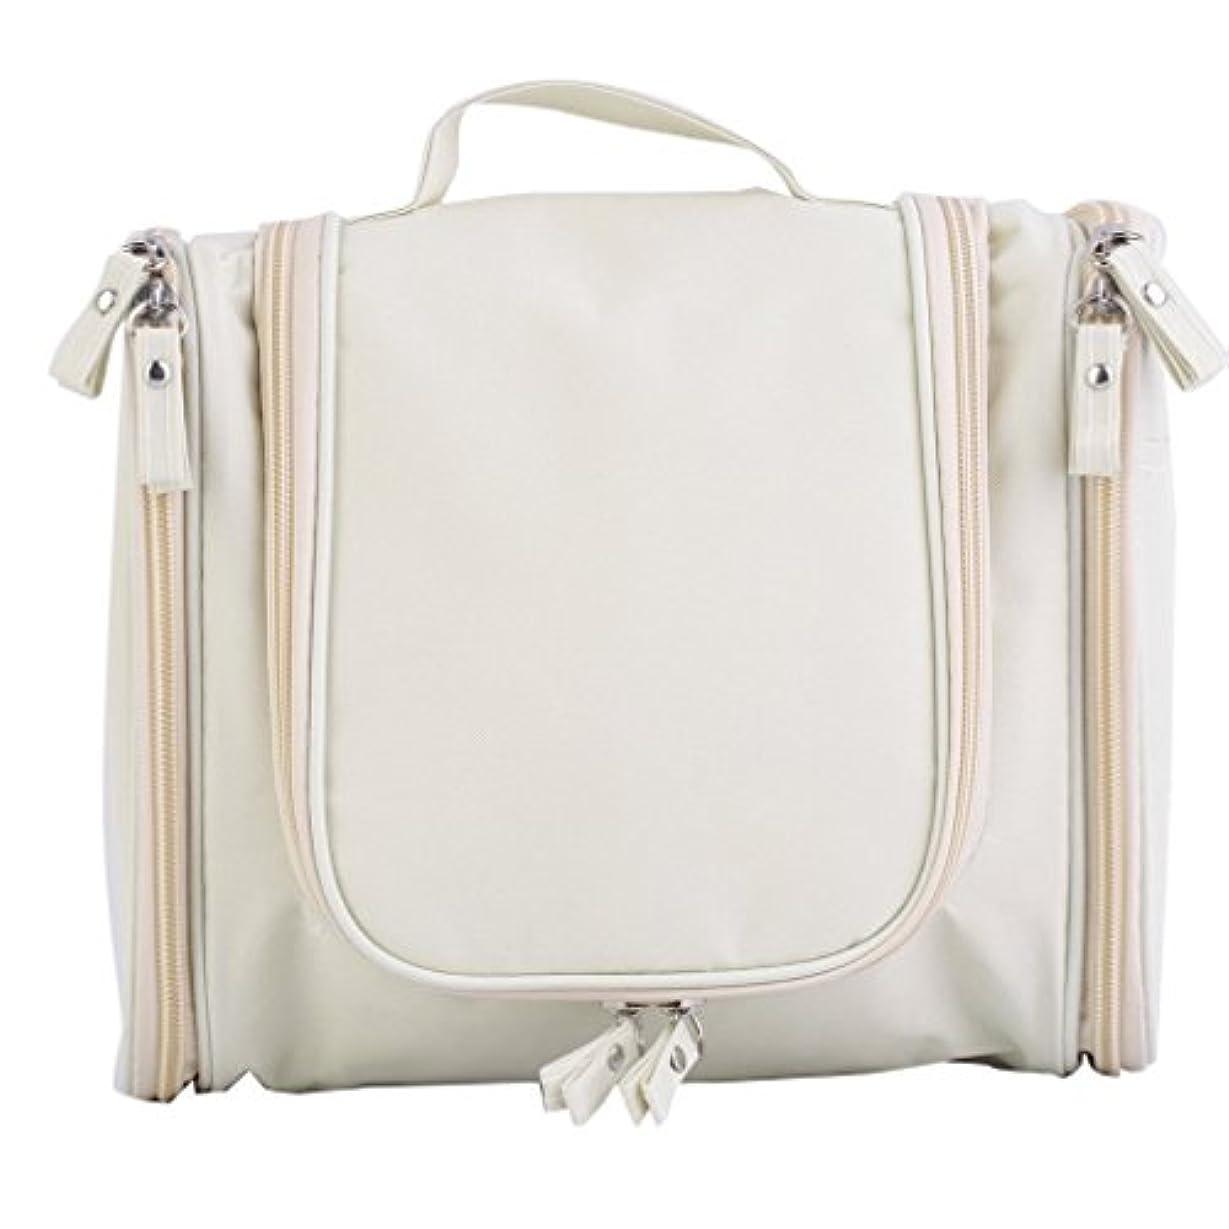 本しみ自分のために男性の女性のための化粧品袋トラベルオーガナイザーバッグ大容量の多機能トラベルトイレタリーバッグをぶら下げ高品質トラベル